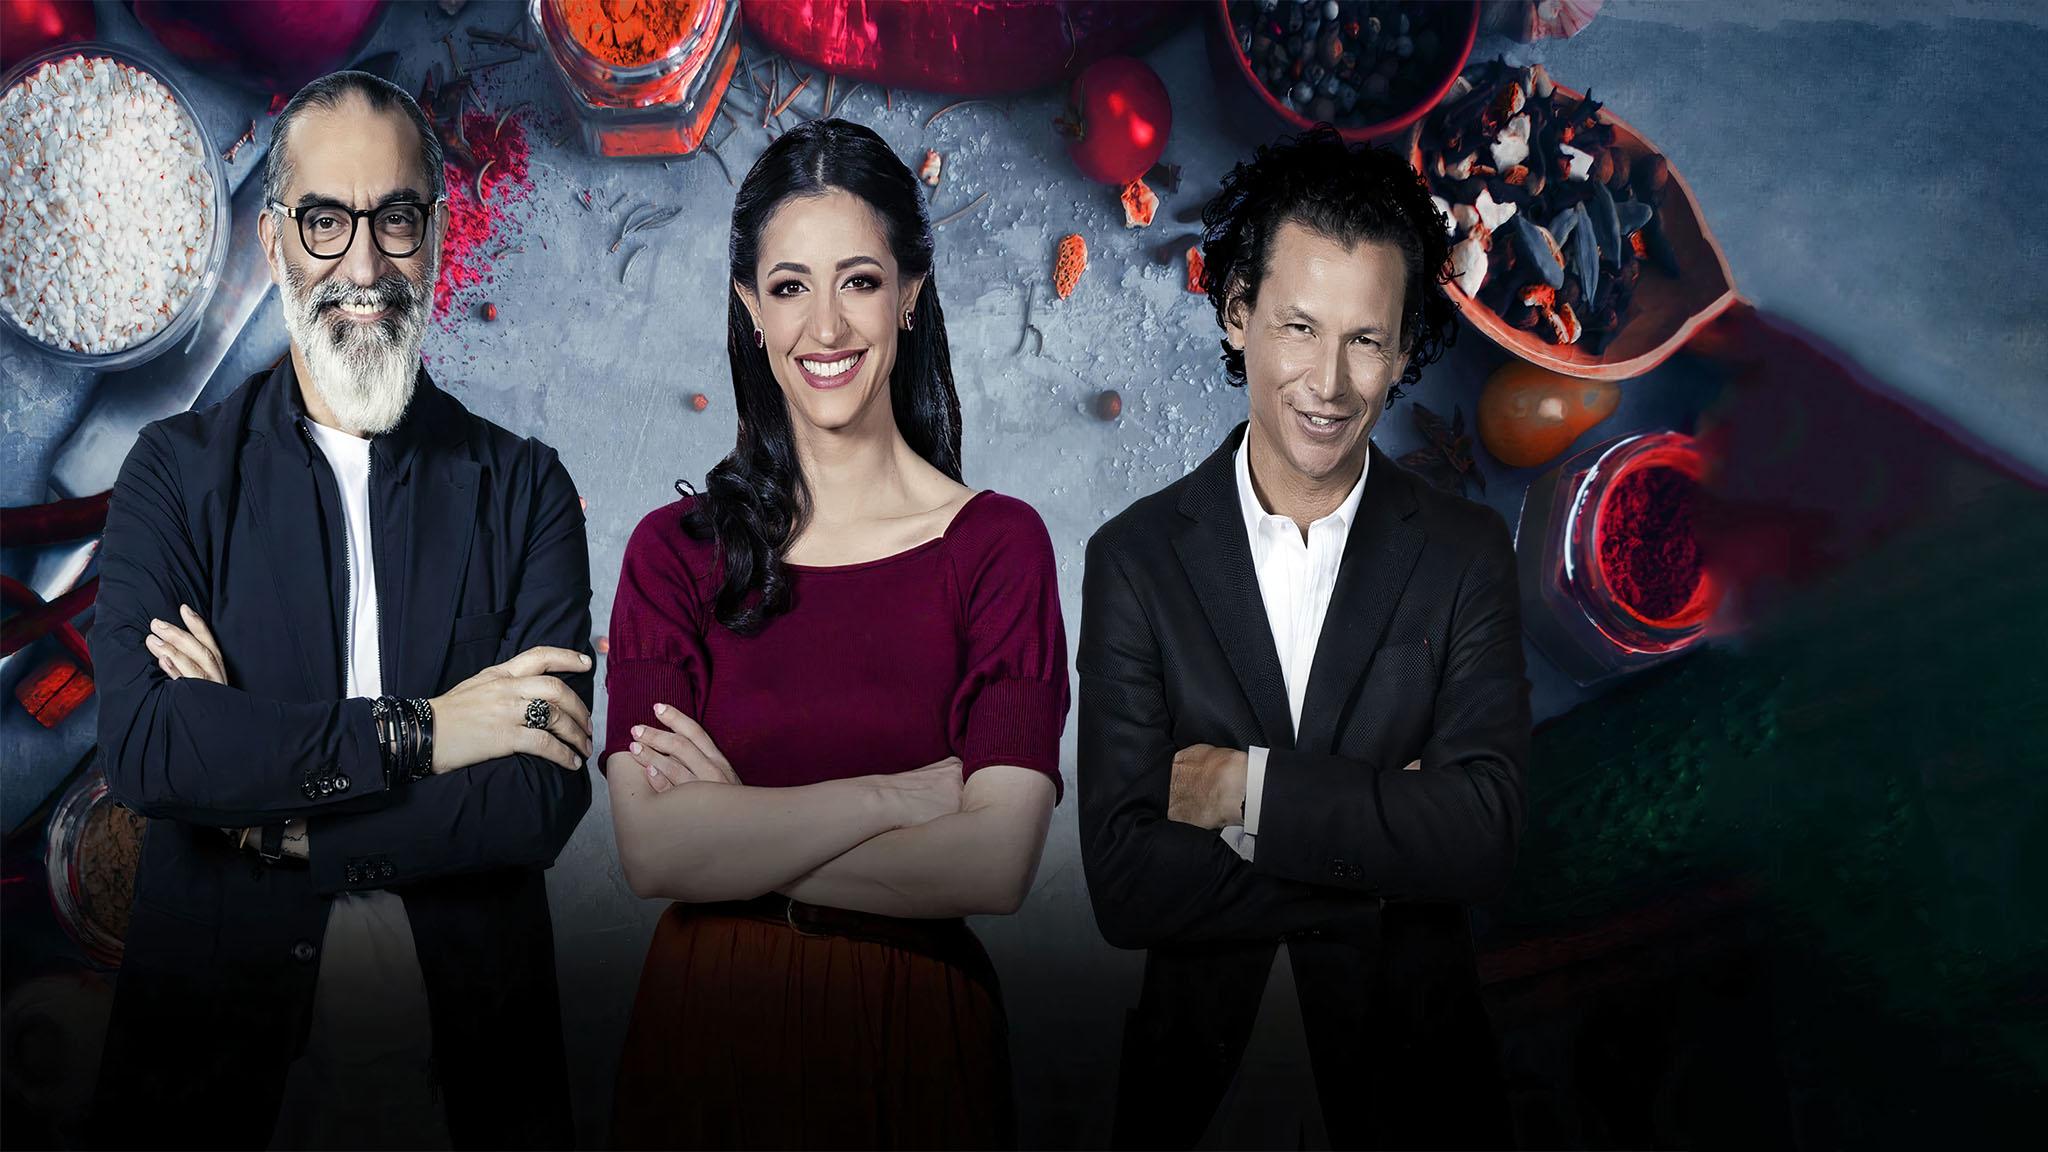 برنامج Top Chef الموسم الخامس الحلقة 1 الاولي